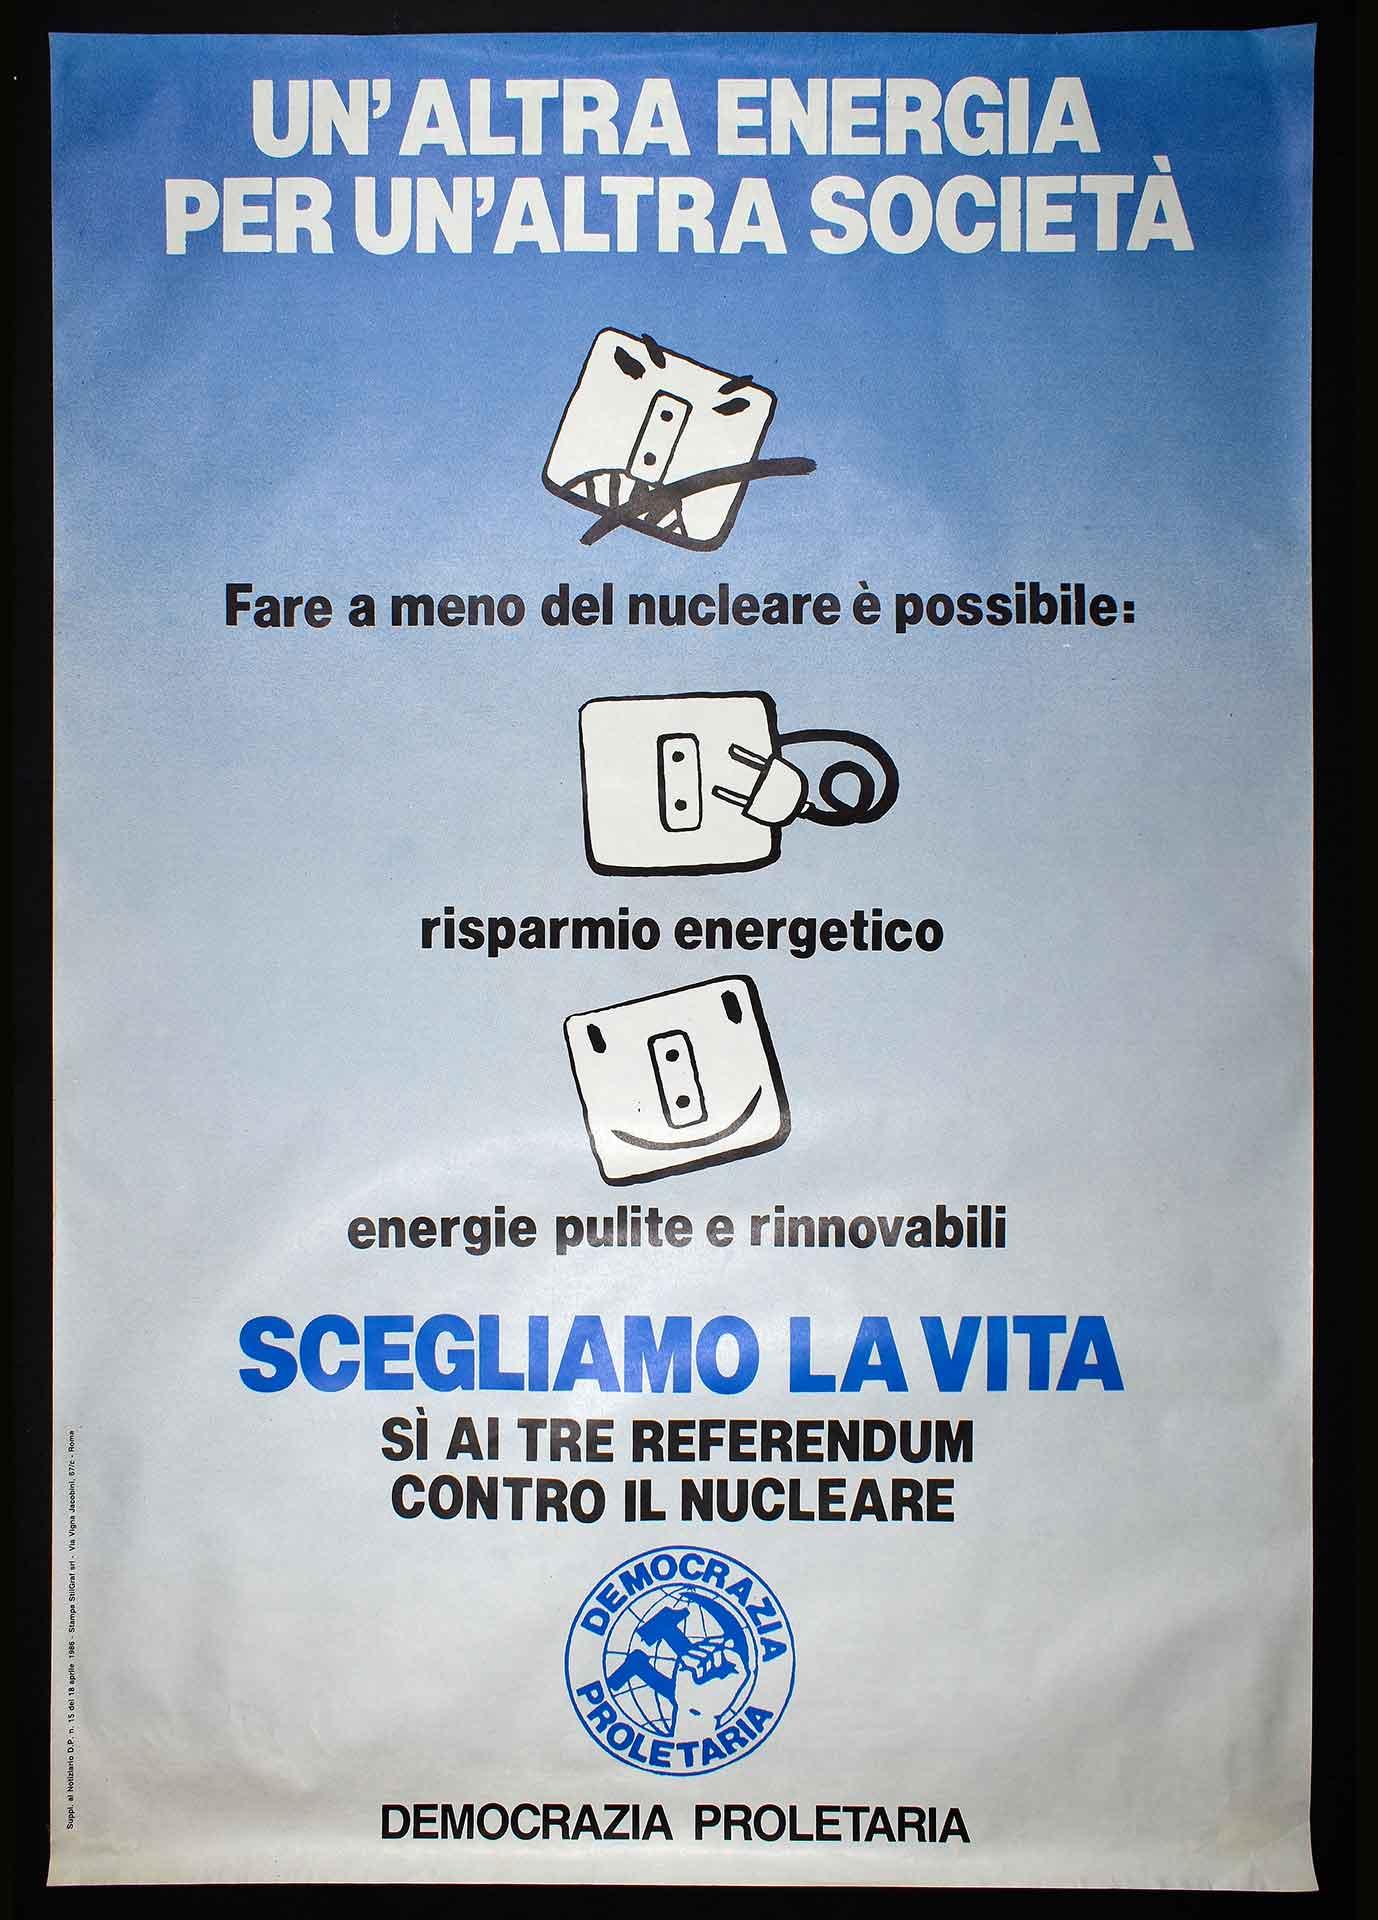 Democrazia Proletaria (DP) a favore dei referendum contro il nucleare. Suppl. al Notiziario DP n. 15 del 18 aprile 1986. Stampa StilGraf, Roma. Movimento antinucleare e ambientalista.